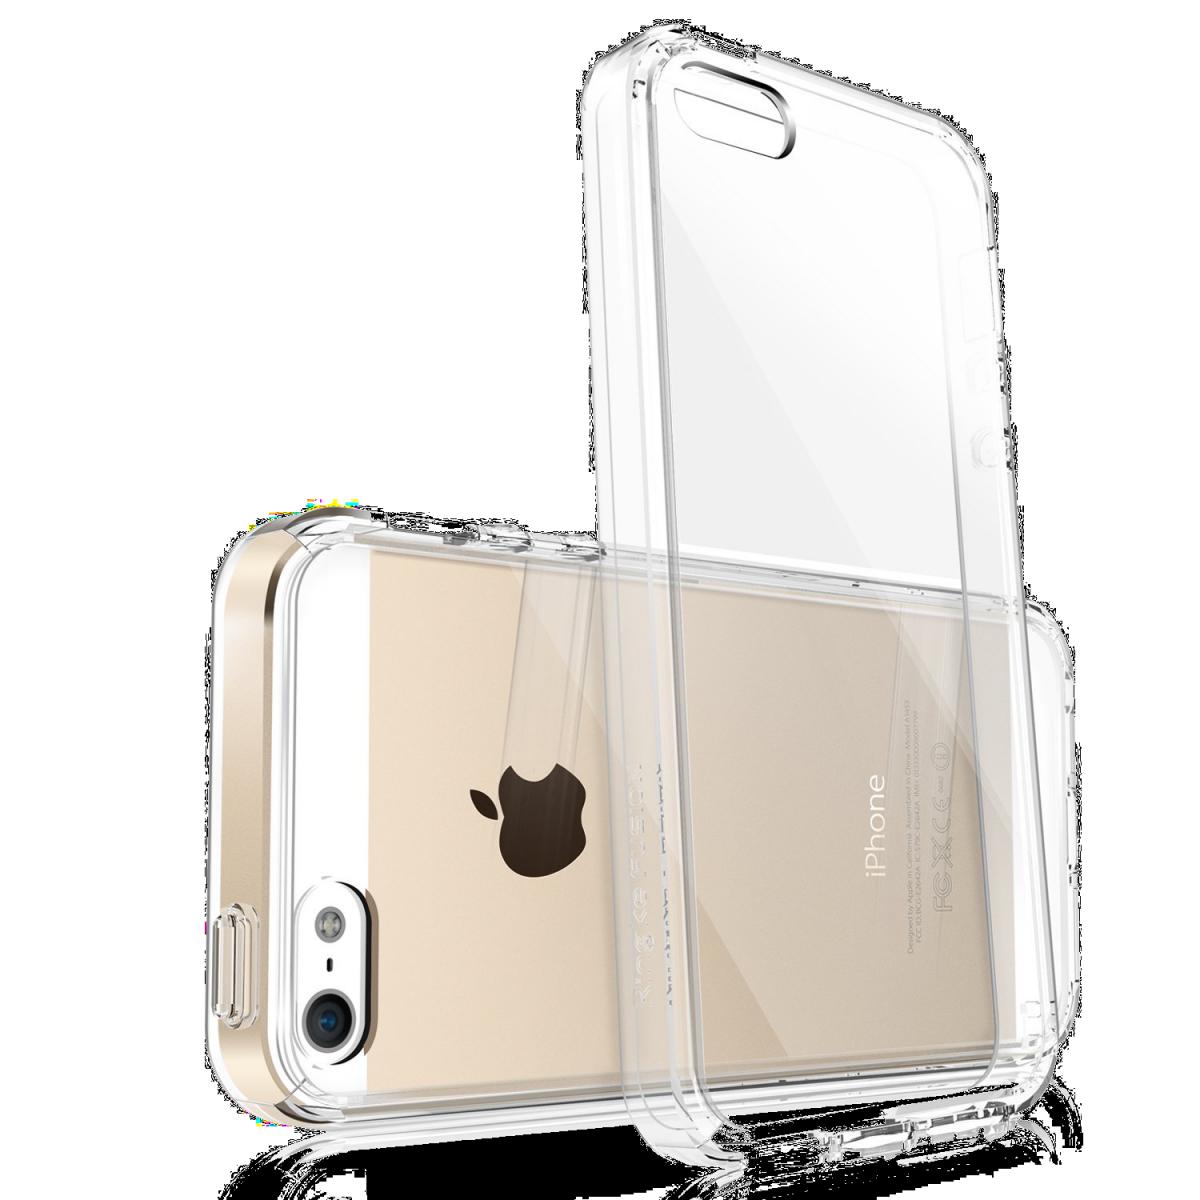 iPhone 5SE: Průhledný čirý transparentní obal / kryt / pouzdro. Kvalitní, tenké, silikonové.